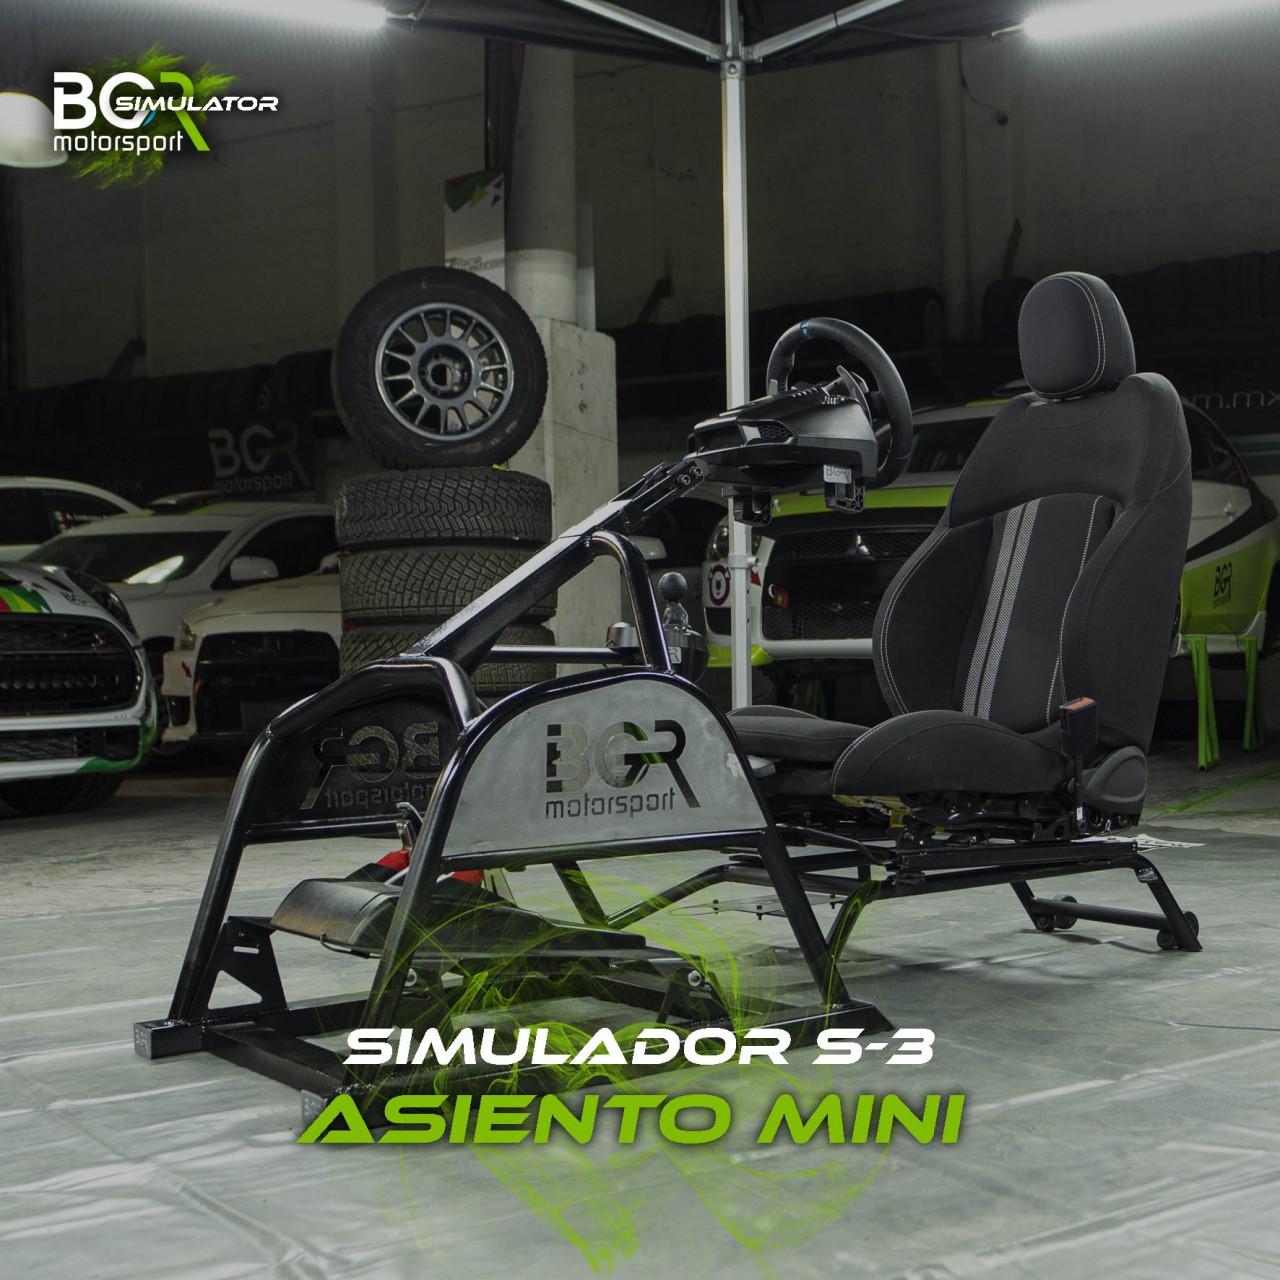 Simulador S3 Asiento MINI